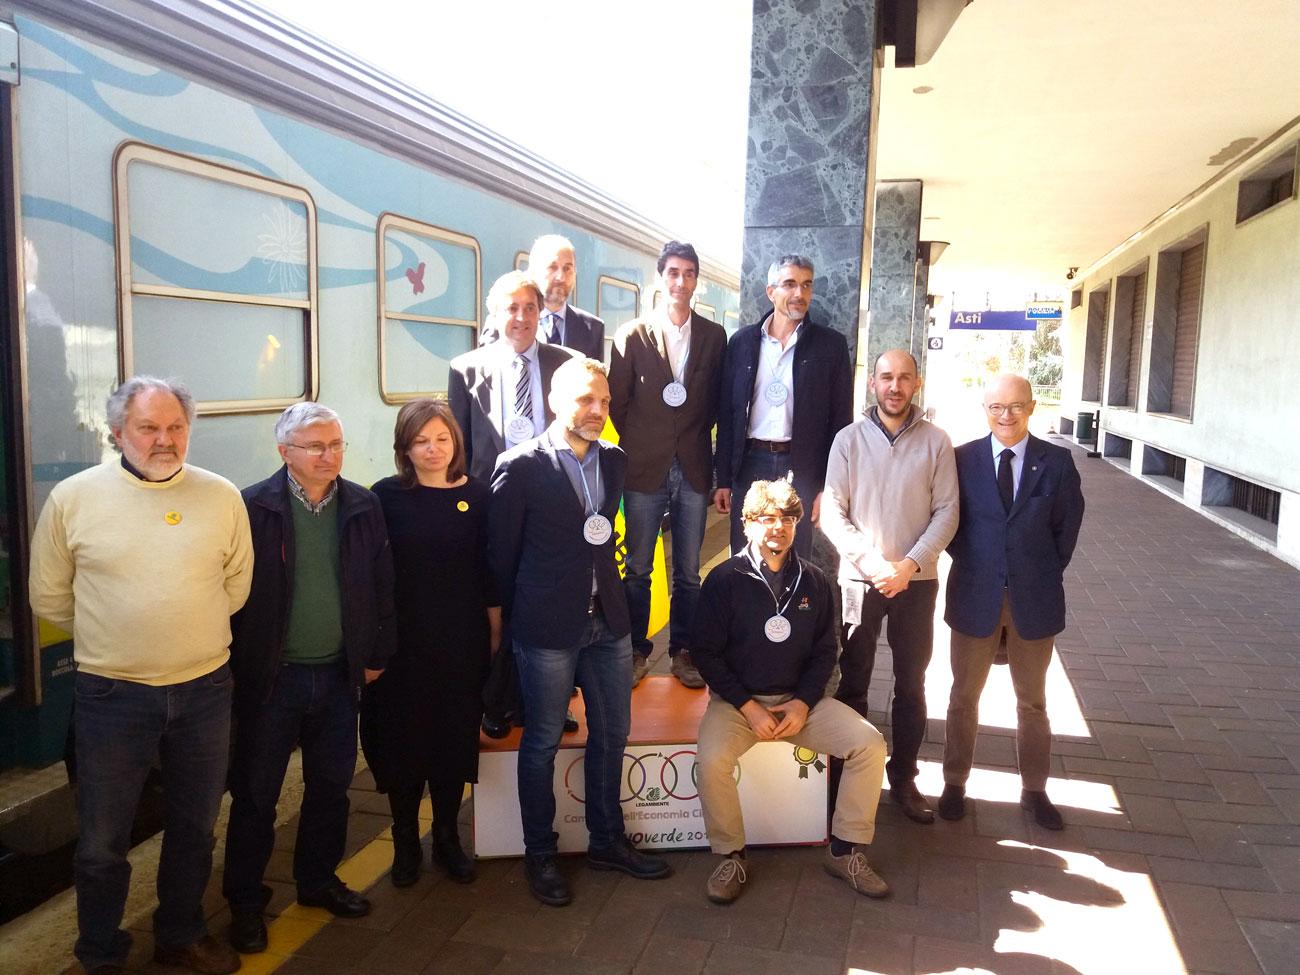 Ecco i Campioni dell'economia circolare del Piemonte